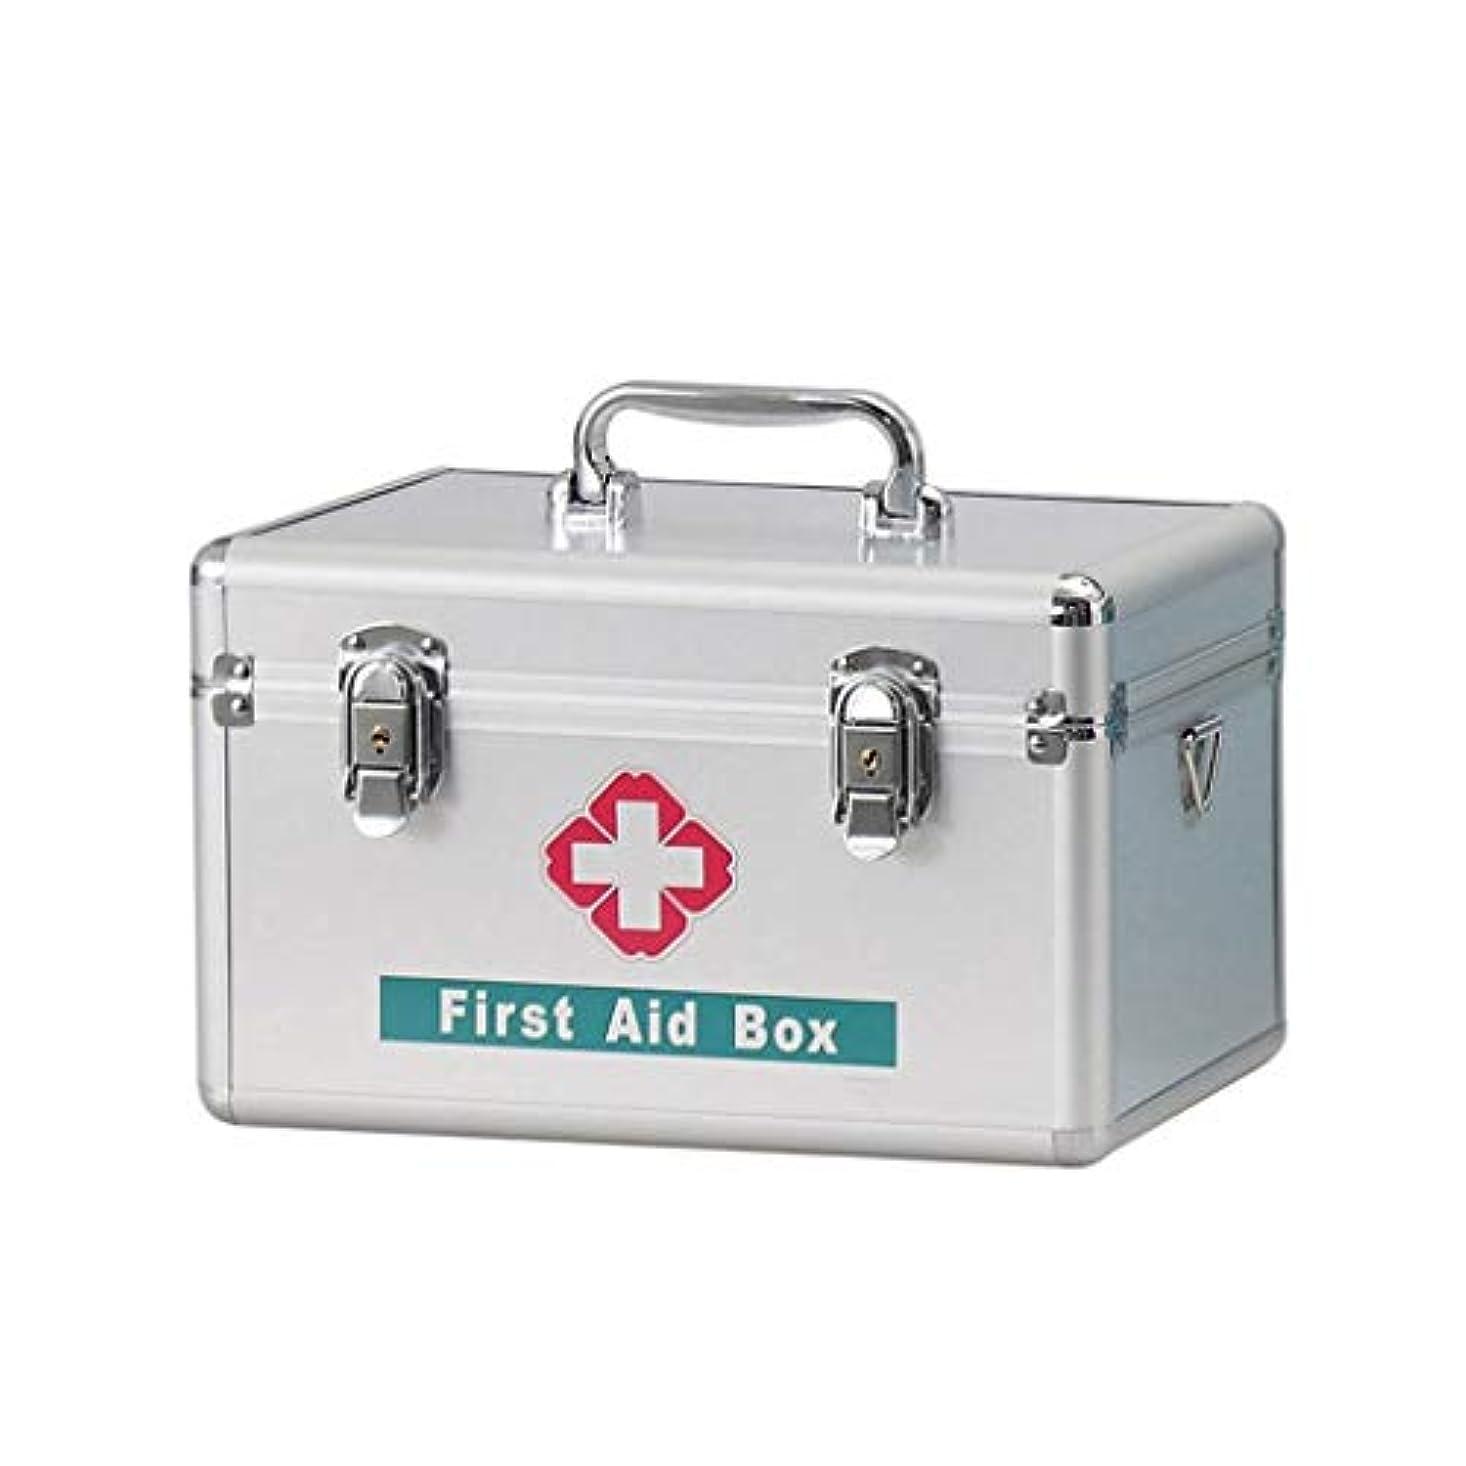 チェリー球体遅滞薬箱のアルミ合金の銀製の永続的な薬の収納箱の携帯用外来患者の救急箱 HUXIUPING (Size : 12 inch)